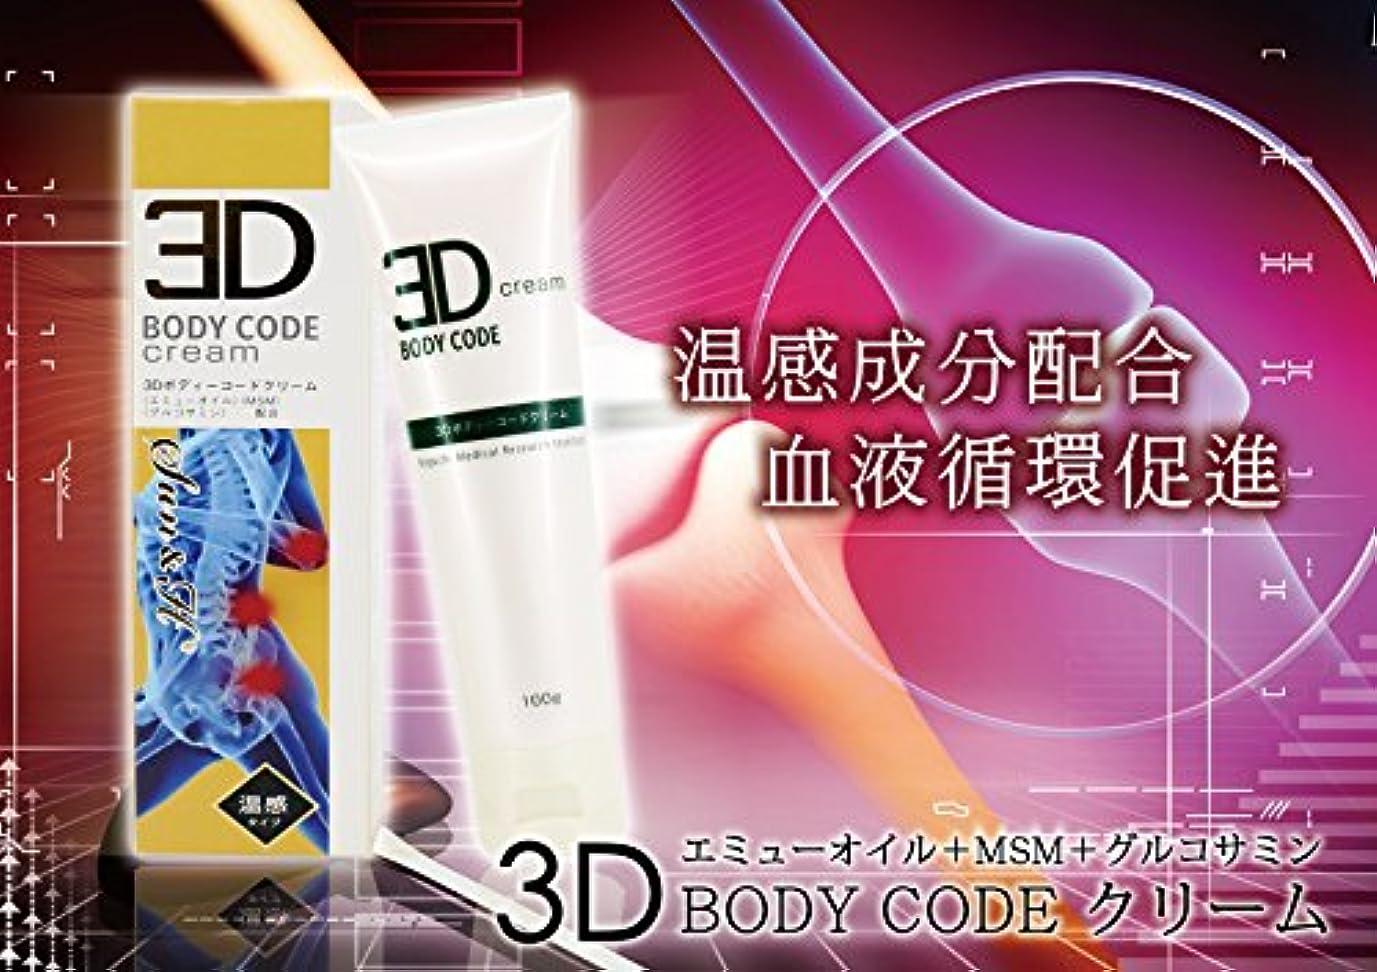 クスクス硬さ忘れられない◎日本製◎野口医学研究所 温感3Dボディコードクリーム 100g エミューオイル+MSM+グルコサミン